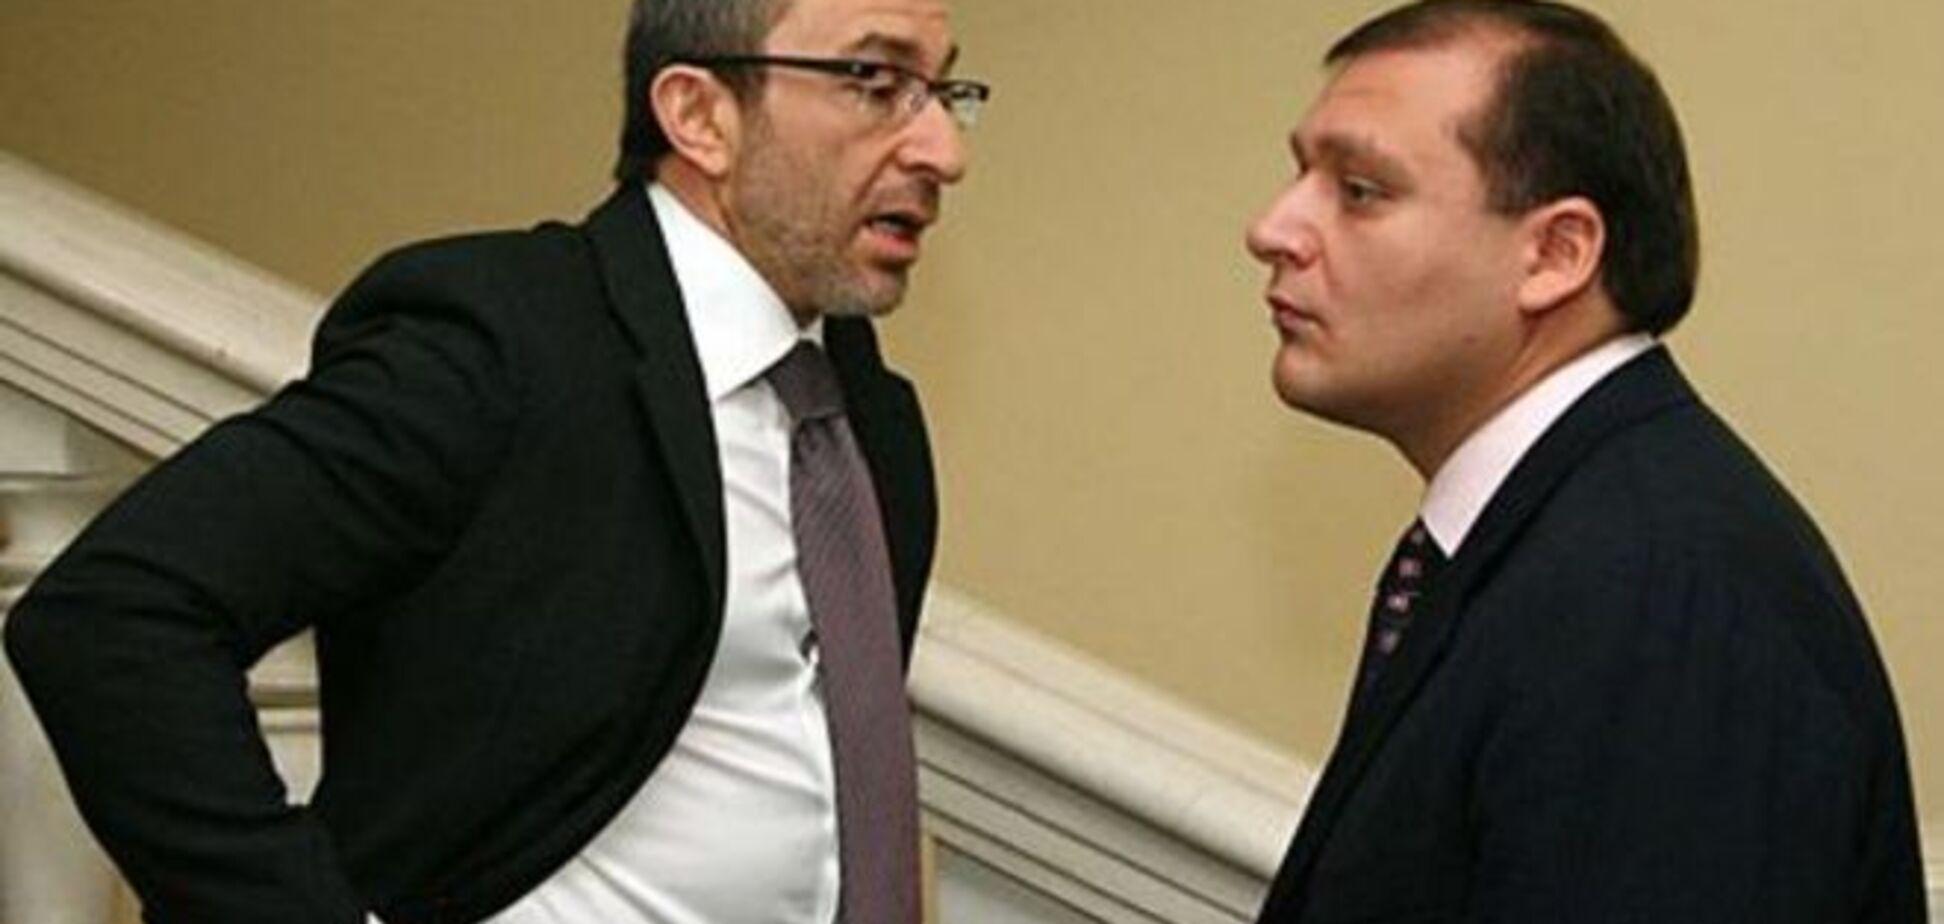 В Генпрокуратуре назвали следующих после Ефремова кандидатов на арест - СМИ